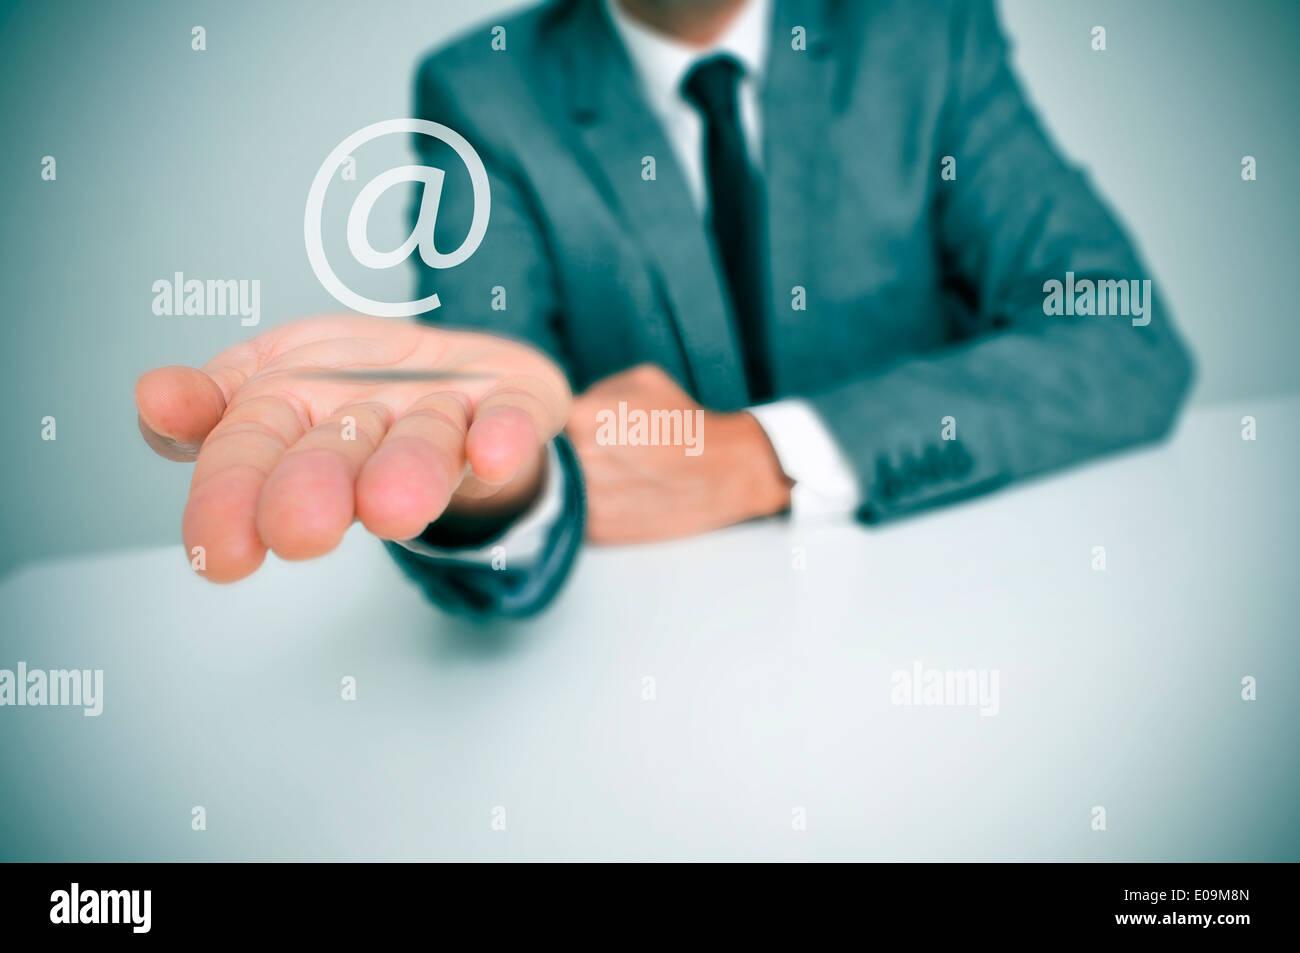 Un imprenditore seduto su una scrivania con un segno nella sua mano, che raffigura il concetto di servizio di posta Foto Stock